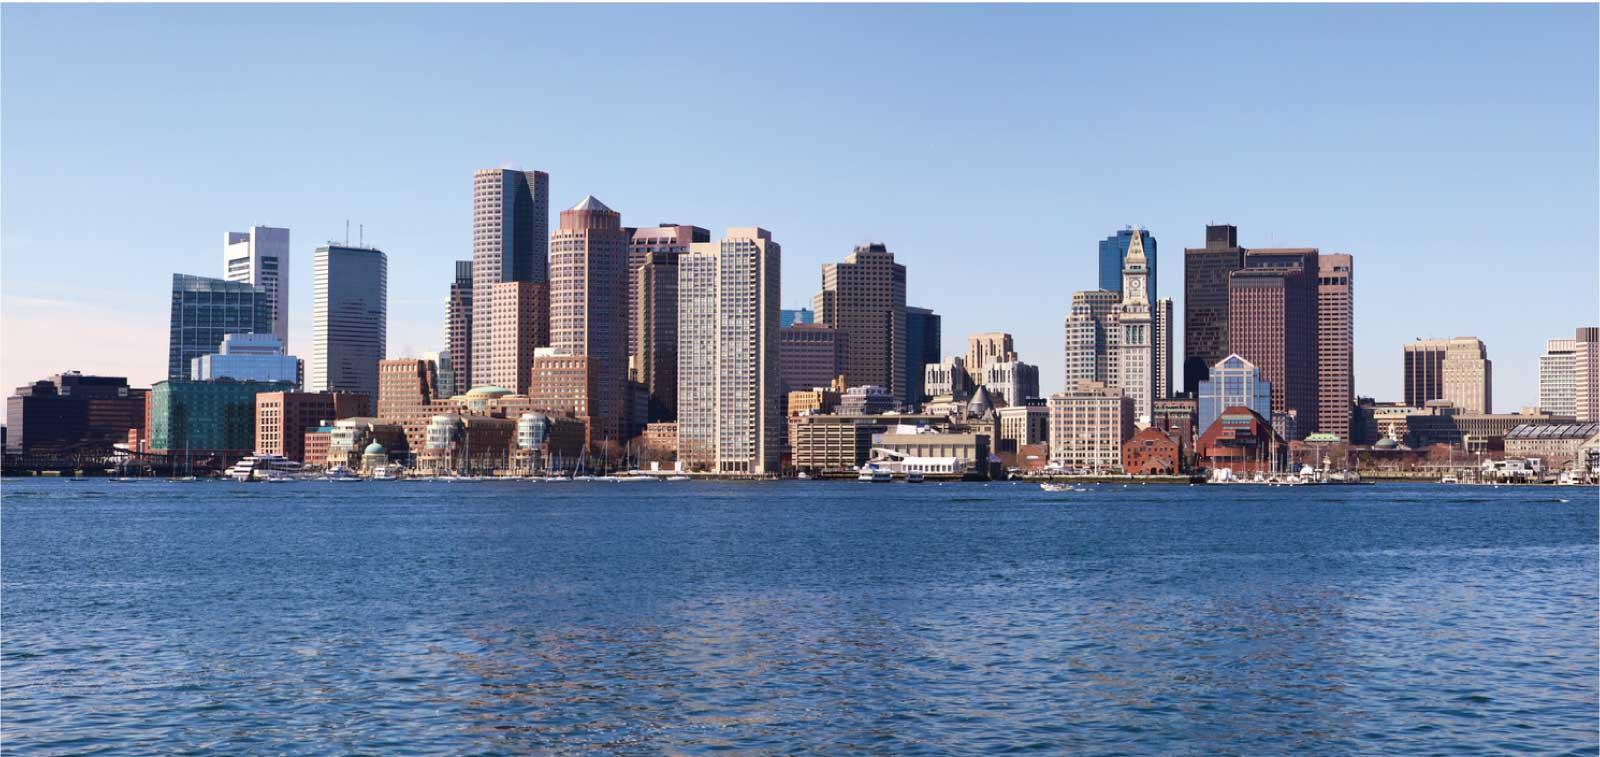 رحلات القاهرة بوسطن مع ترافكو هوليدايز